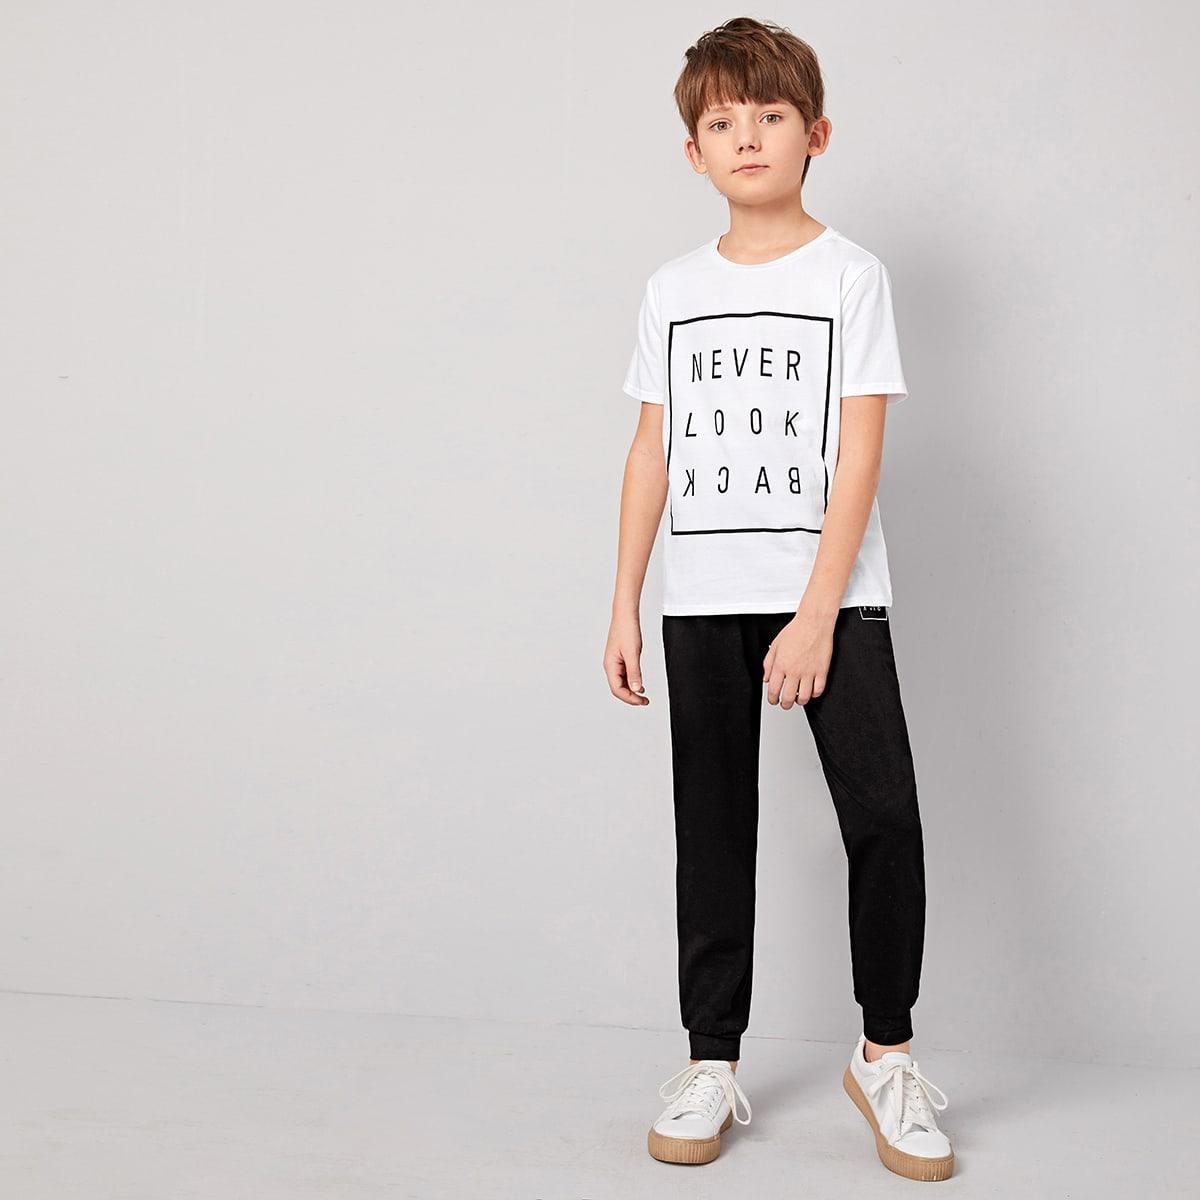 Футболка с текстовым прнтом и спортивные брюки для мальчиков от SHEIN